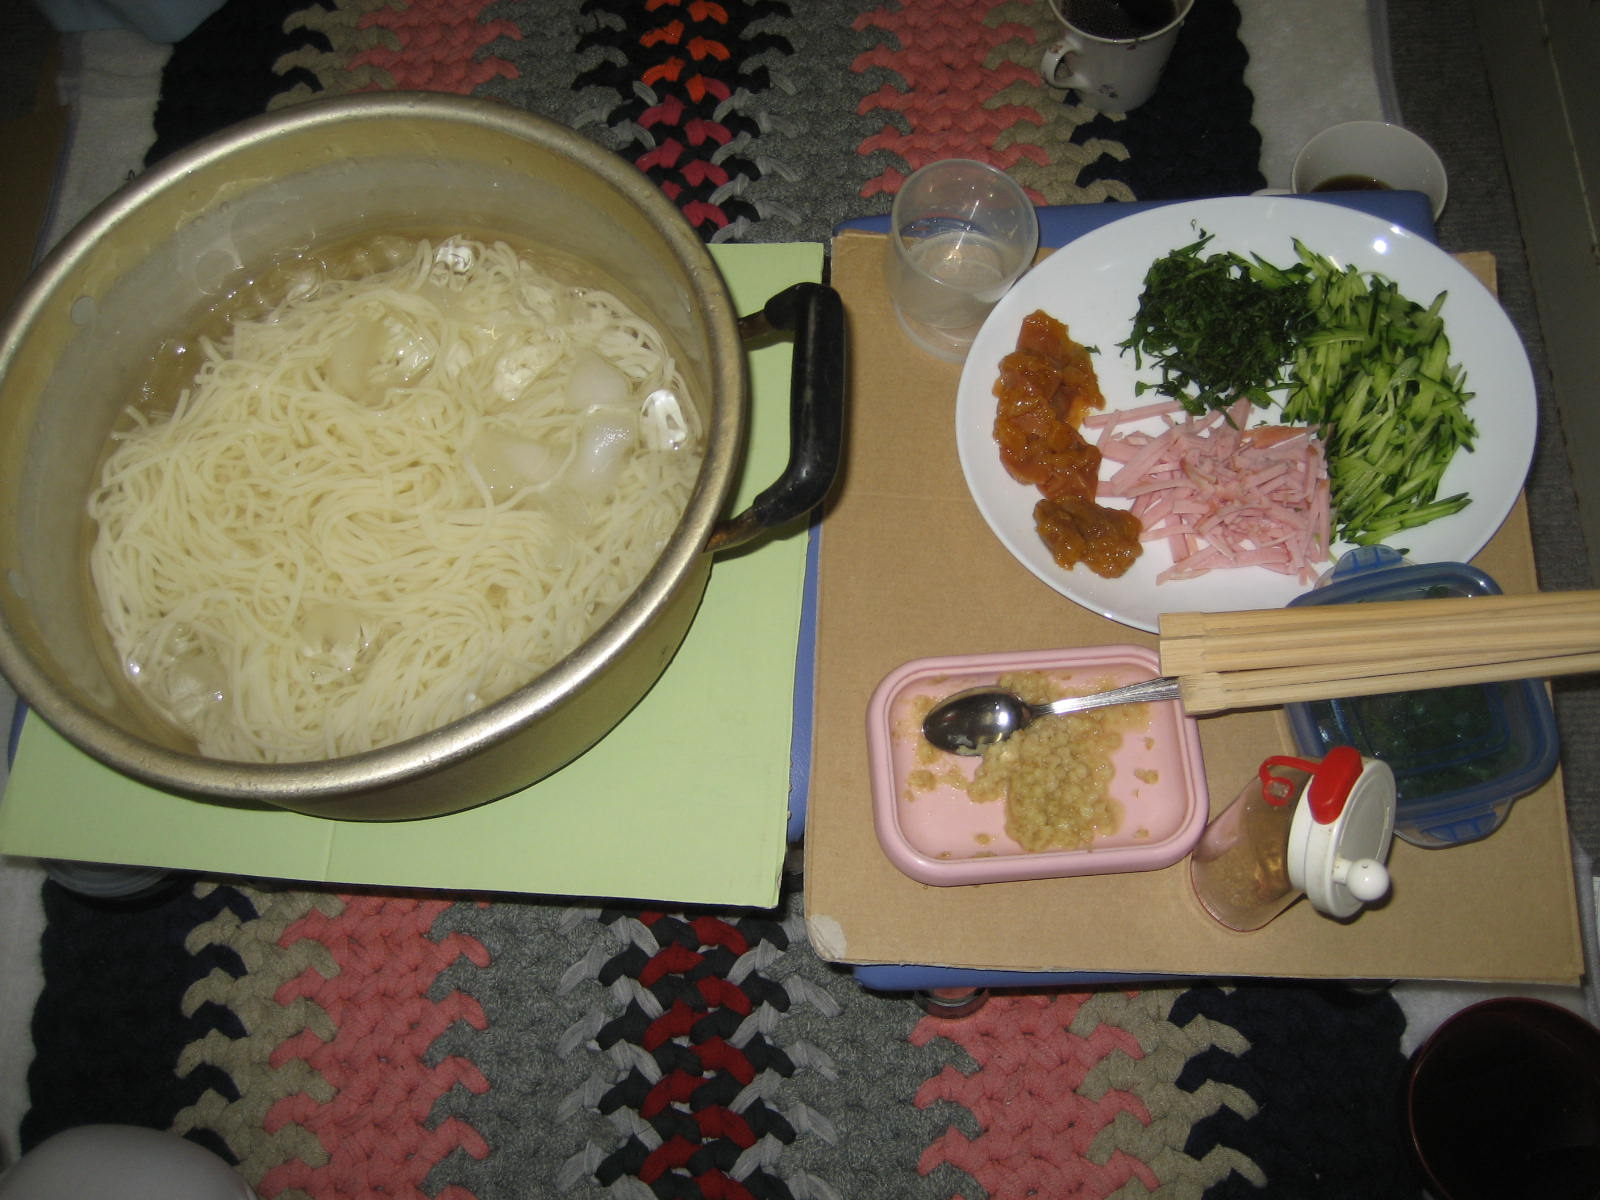 暑いですね | 不妊|鍼灸|大阪|卵子の質|鍼灸治療は三ツ川レディース鍼灸院